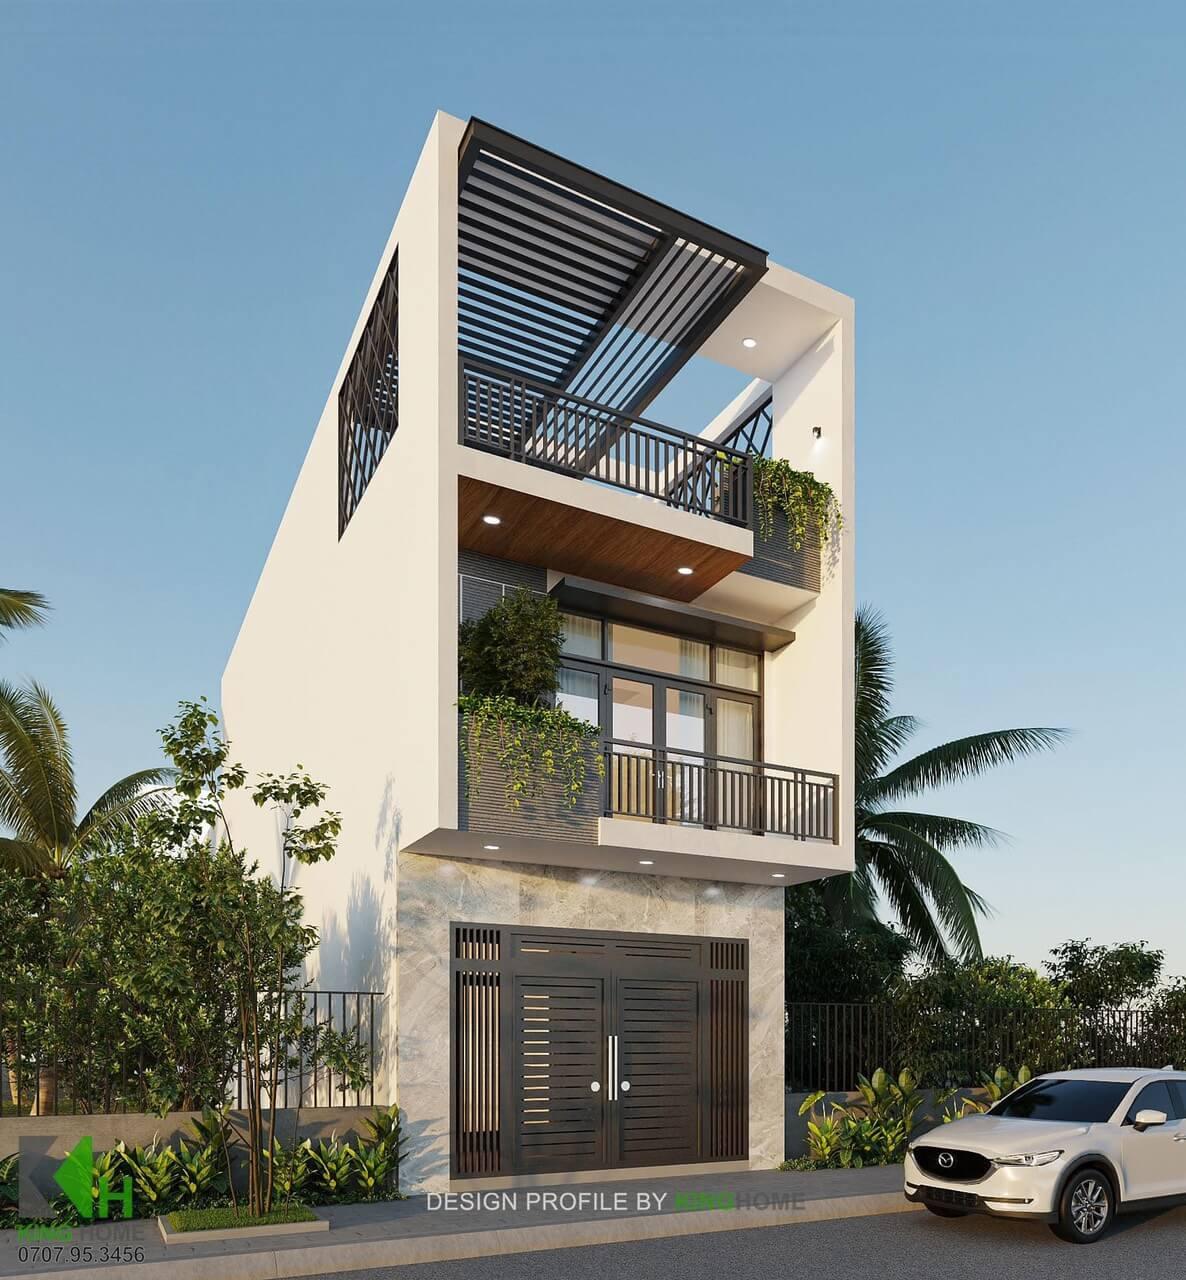 Nhà Chị Tú - Nhà phố không gian xanh hiện đại